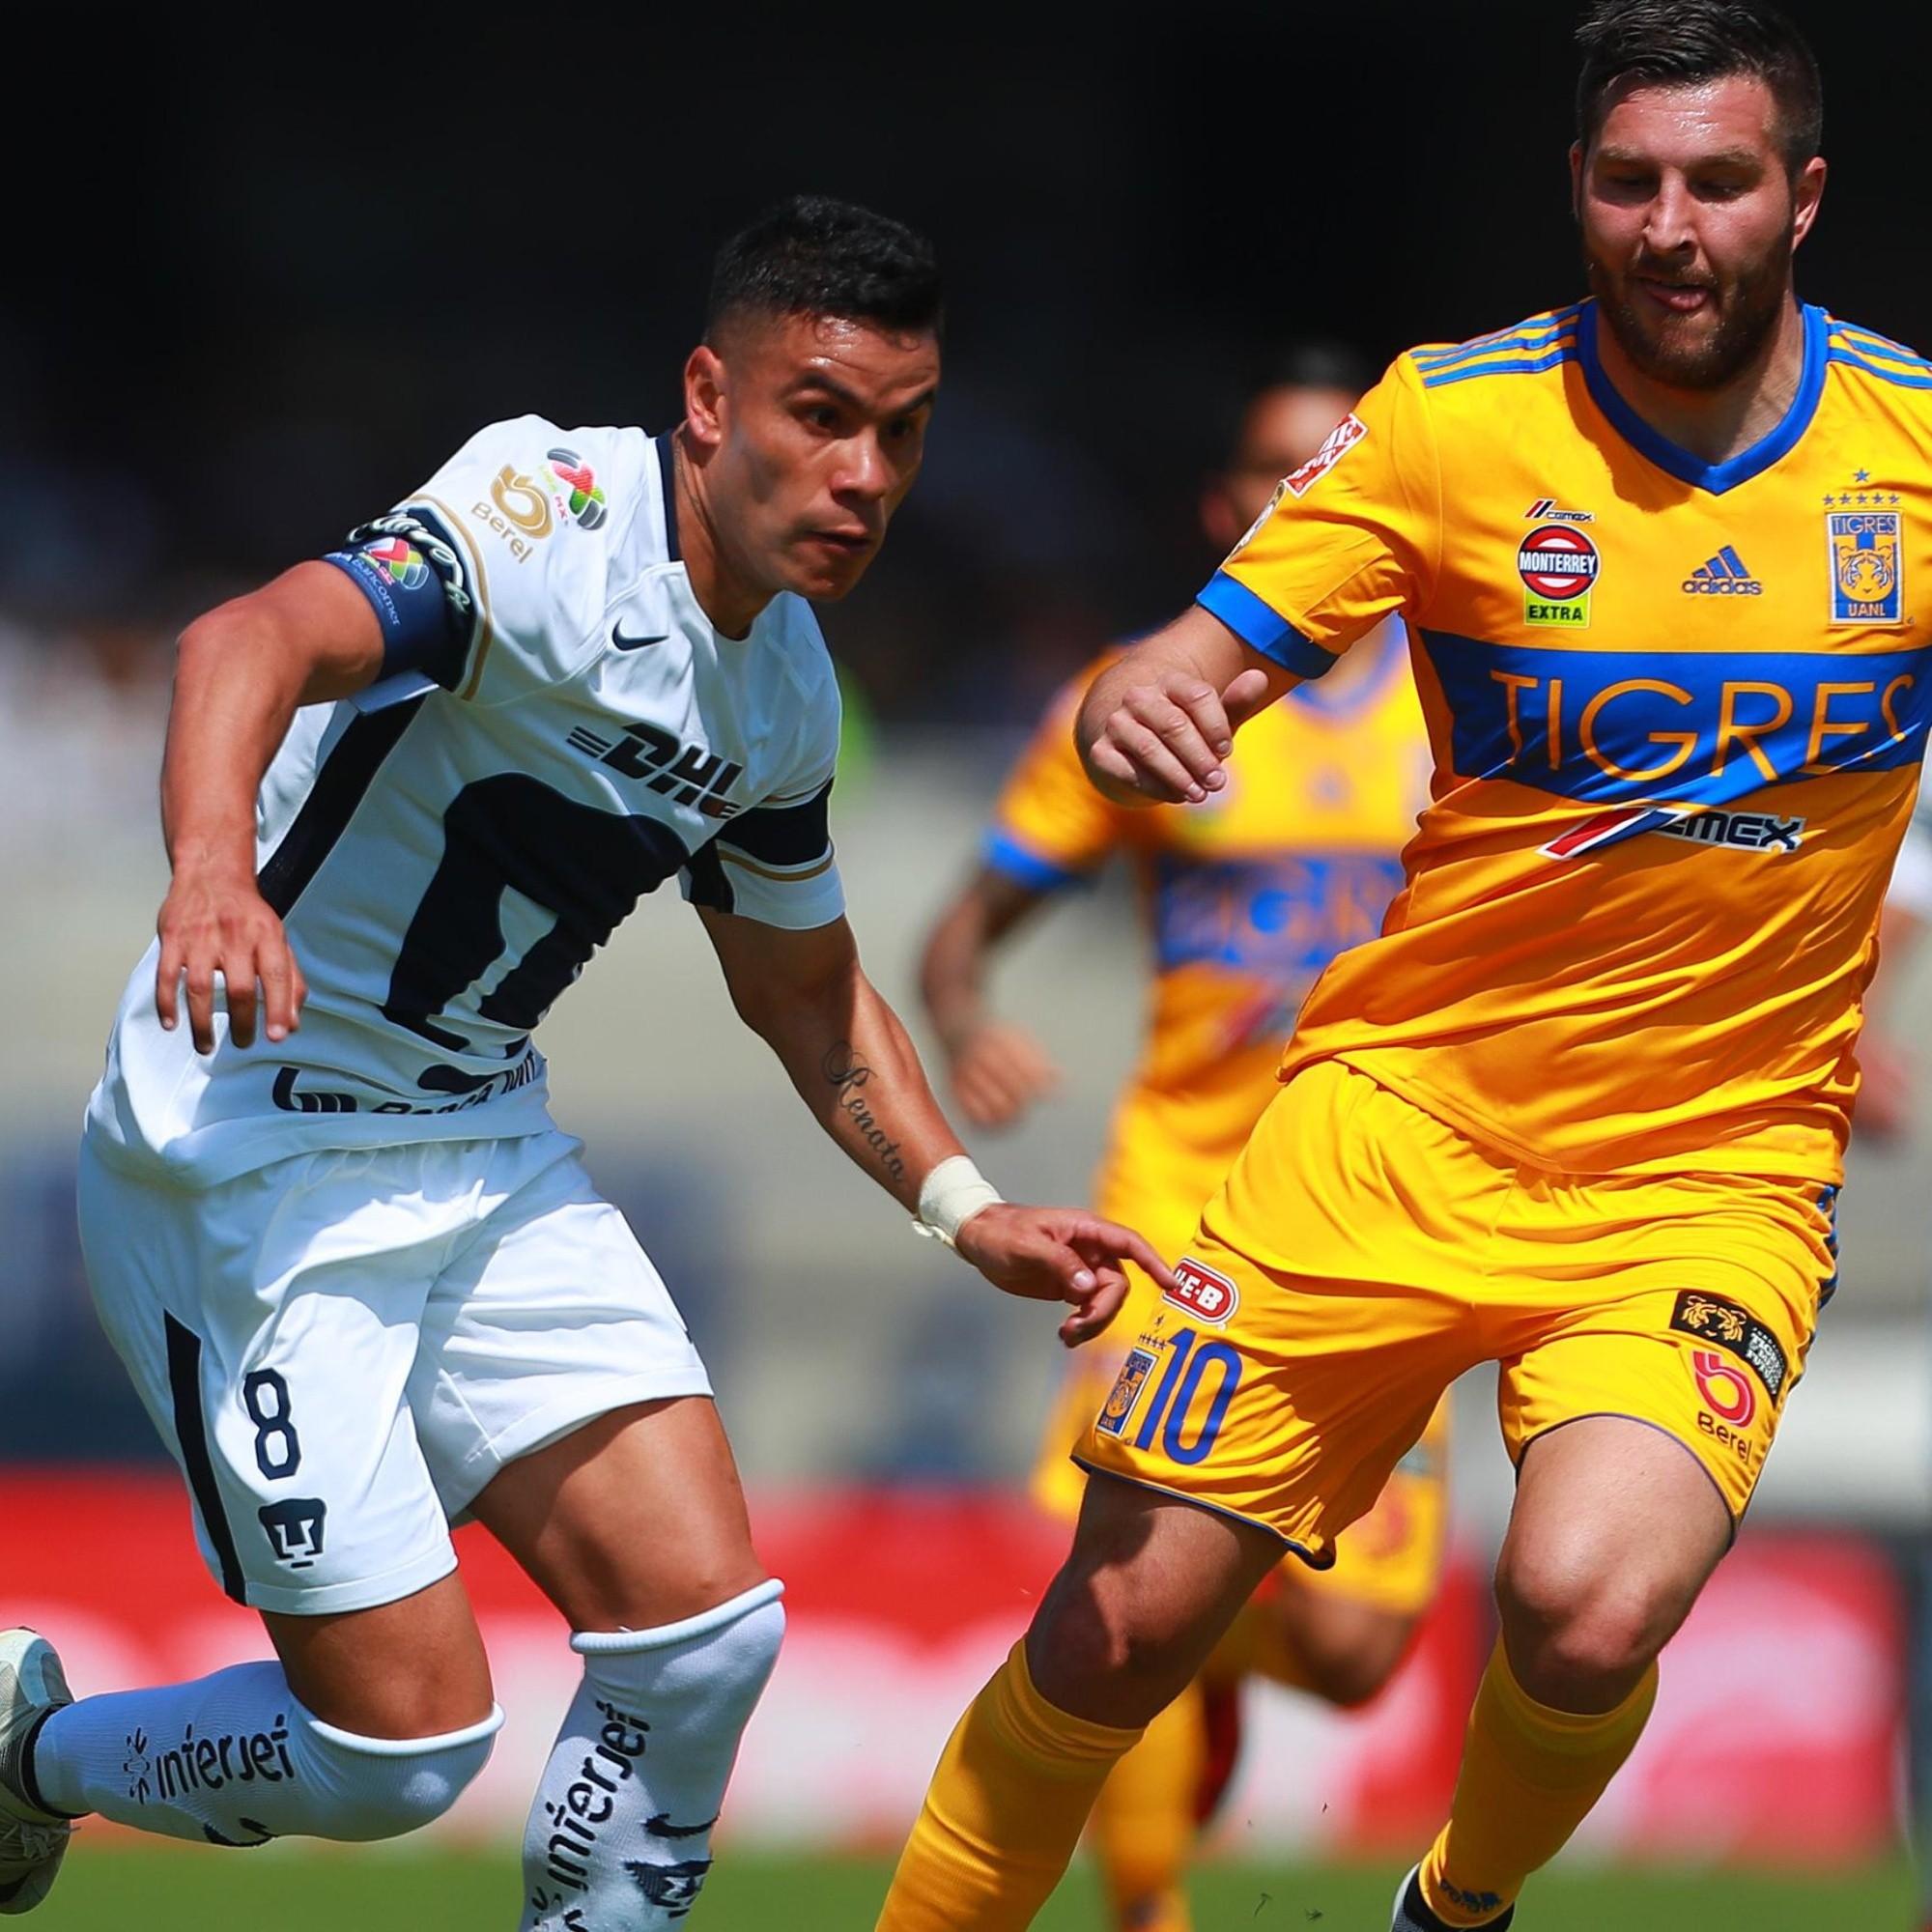 Maletín Propuesta alternativa arco  Qué canal transmite Pumas UNAM vs Tigres UANL por la Liga MX   Bolavip